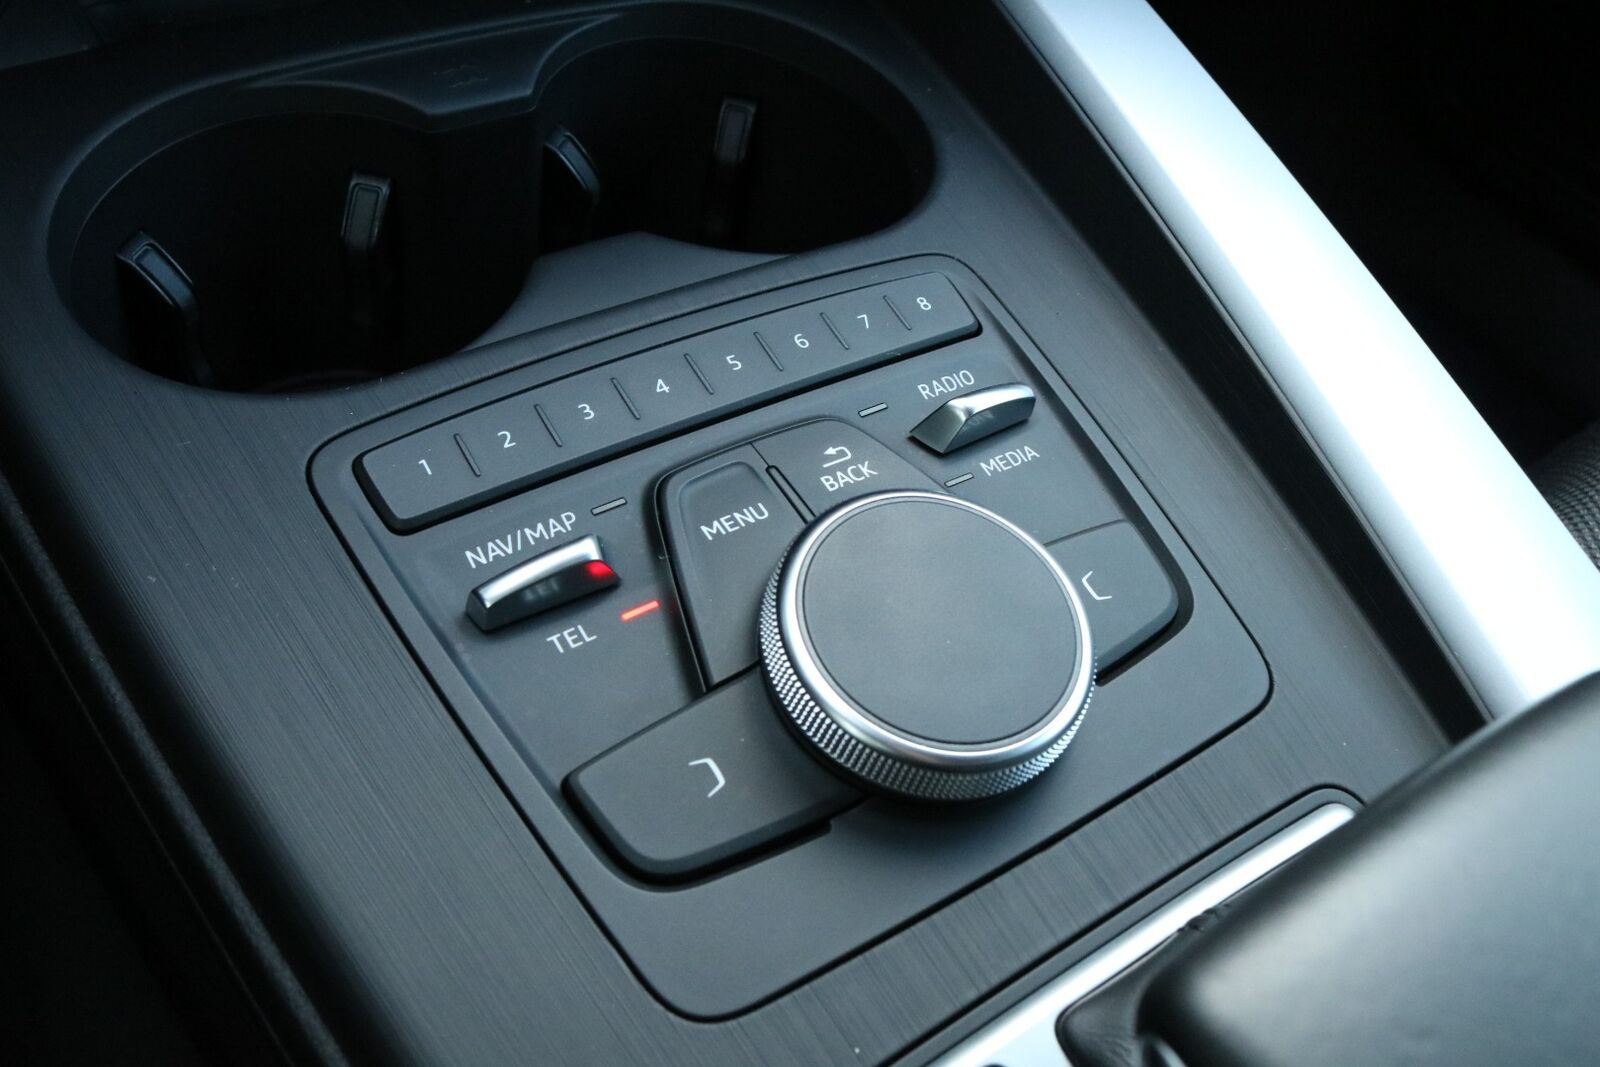 Audi A4 TFSi 190 Avant S-tr.